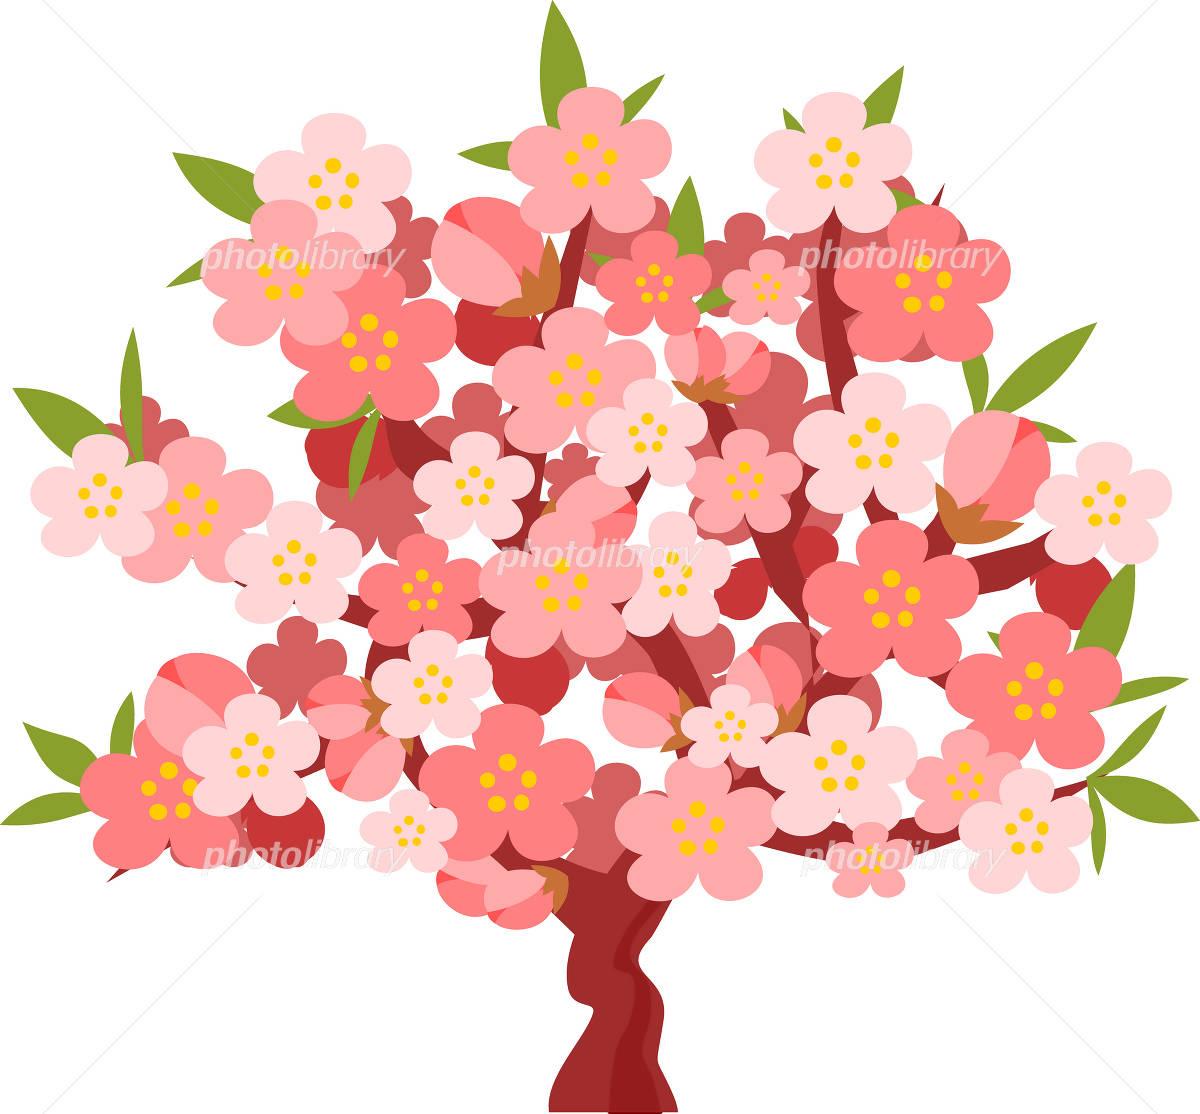 桃桃の木桃の花 イラスト素材 1183023 フォトライブラリー